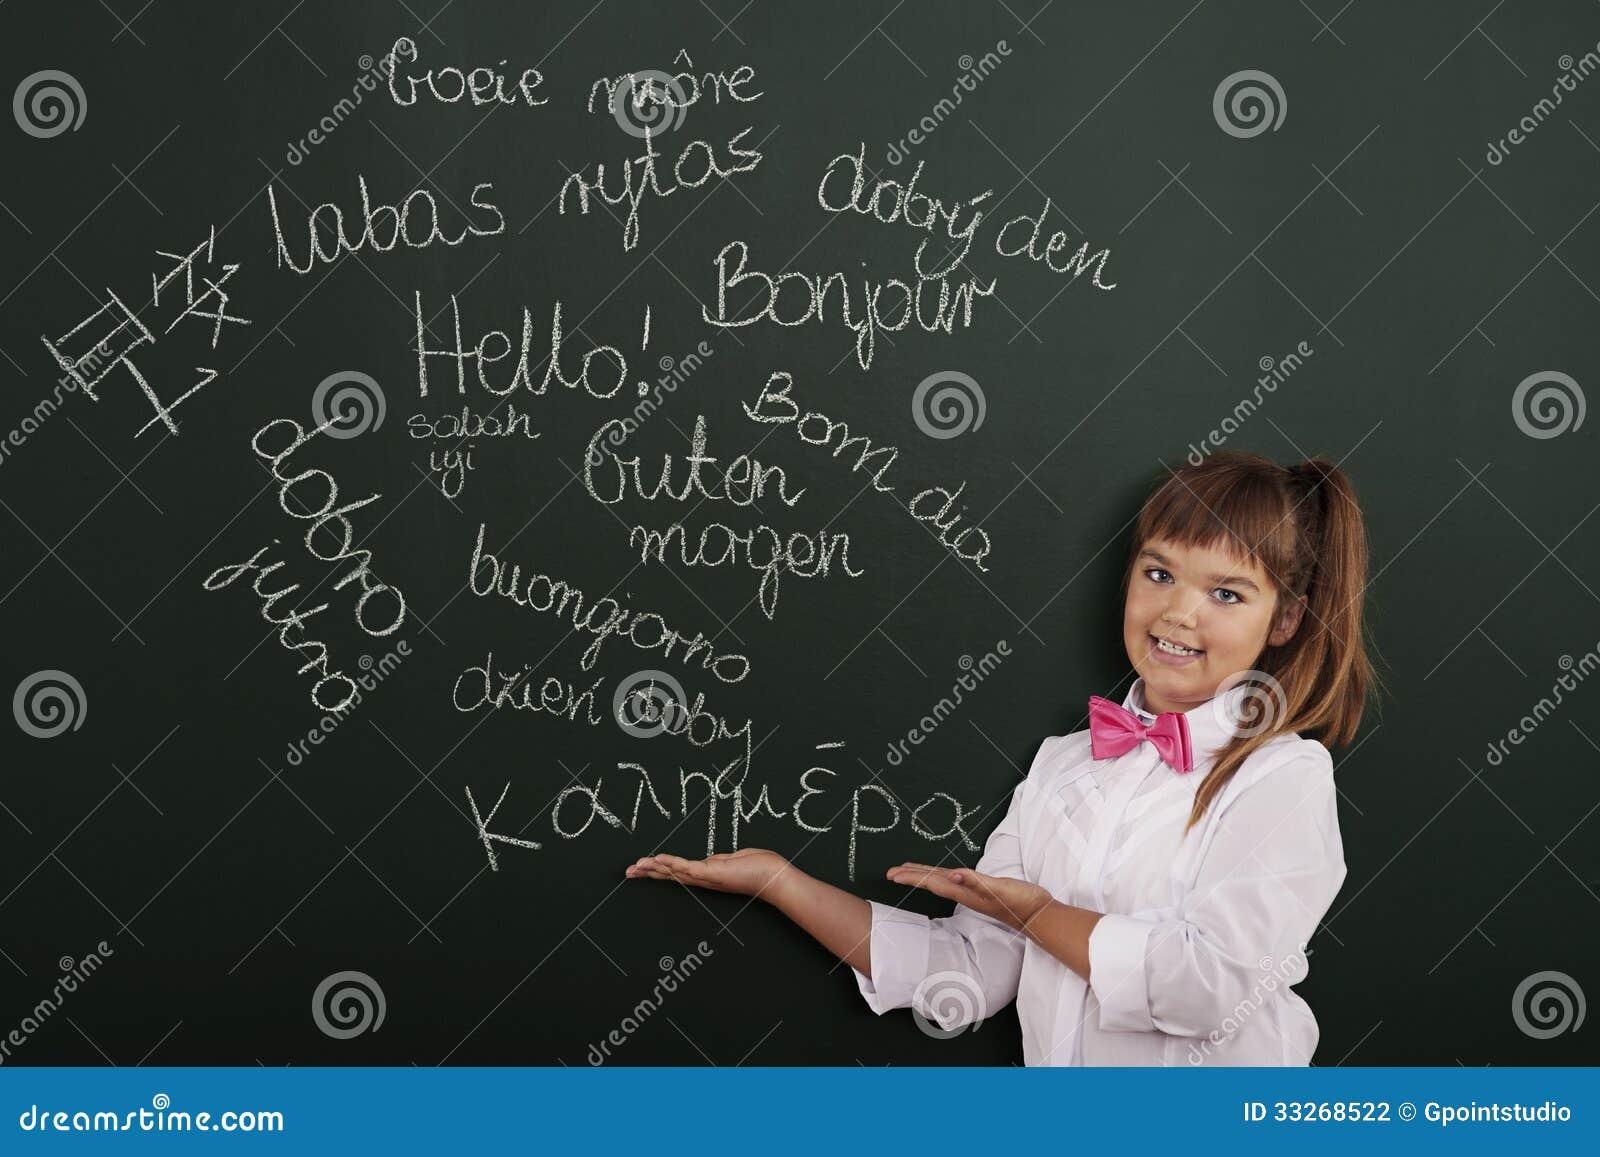 Bonjour dans beaucoup de langues